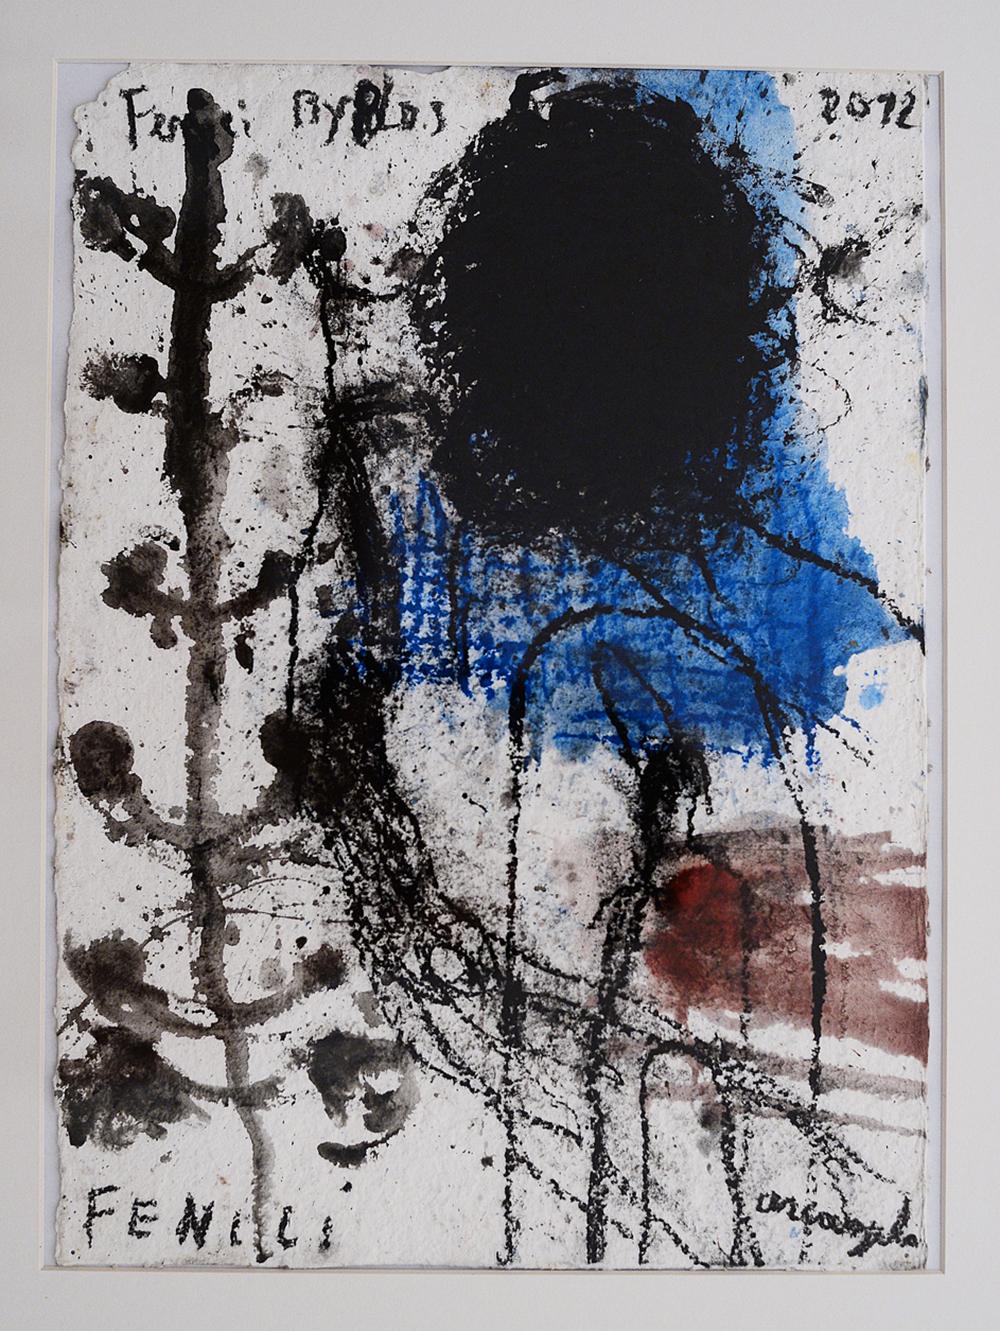 I Fenici, 2012, tecnica mista su carta, cm 39x28